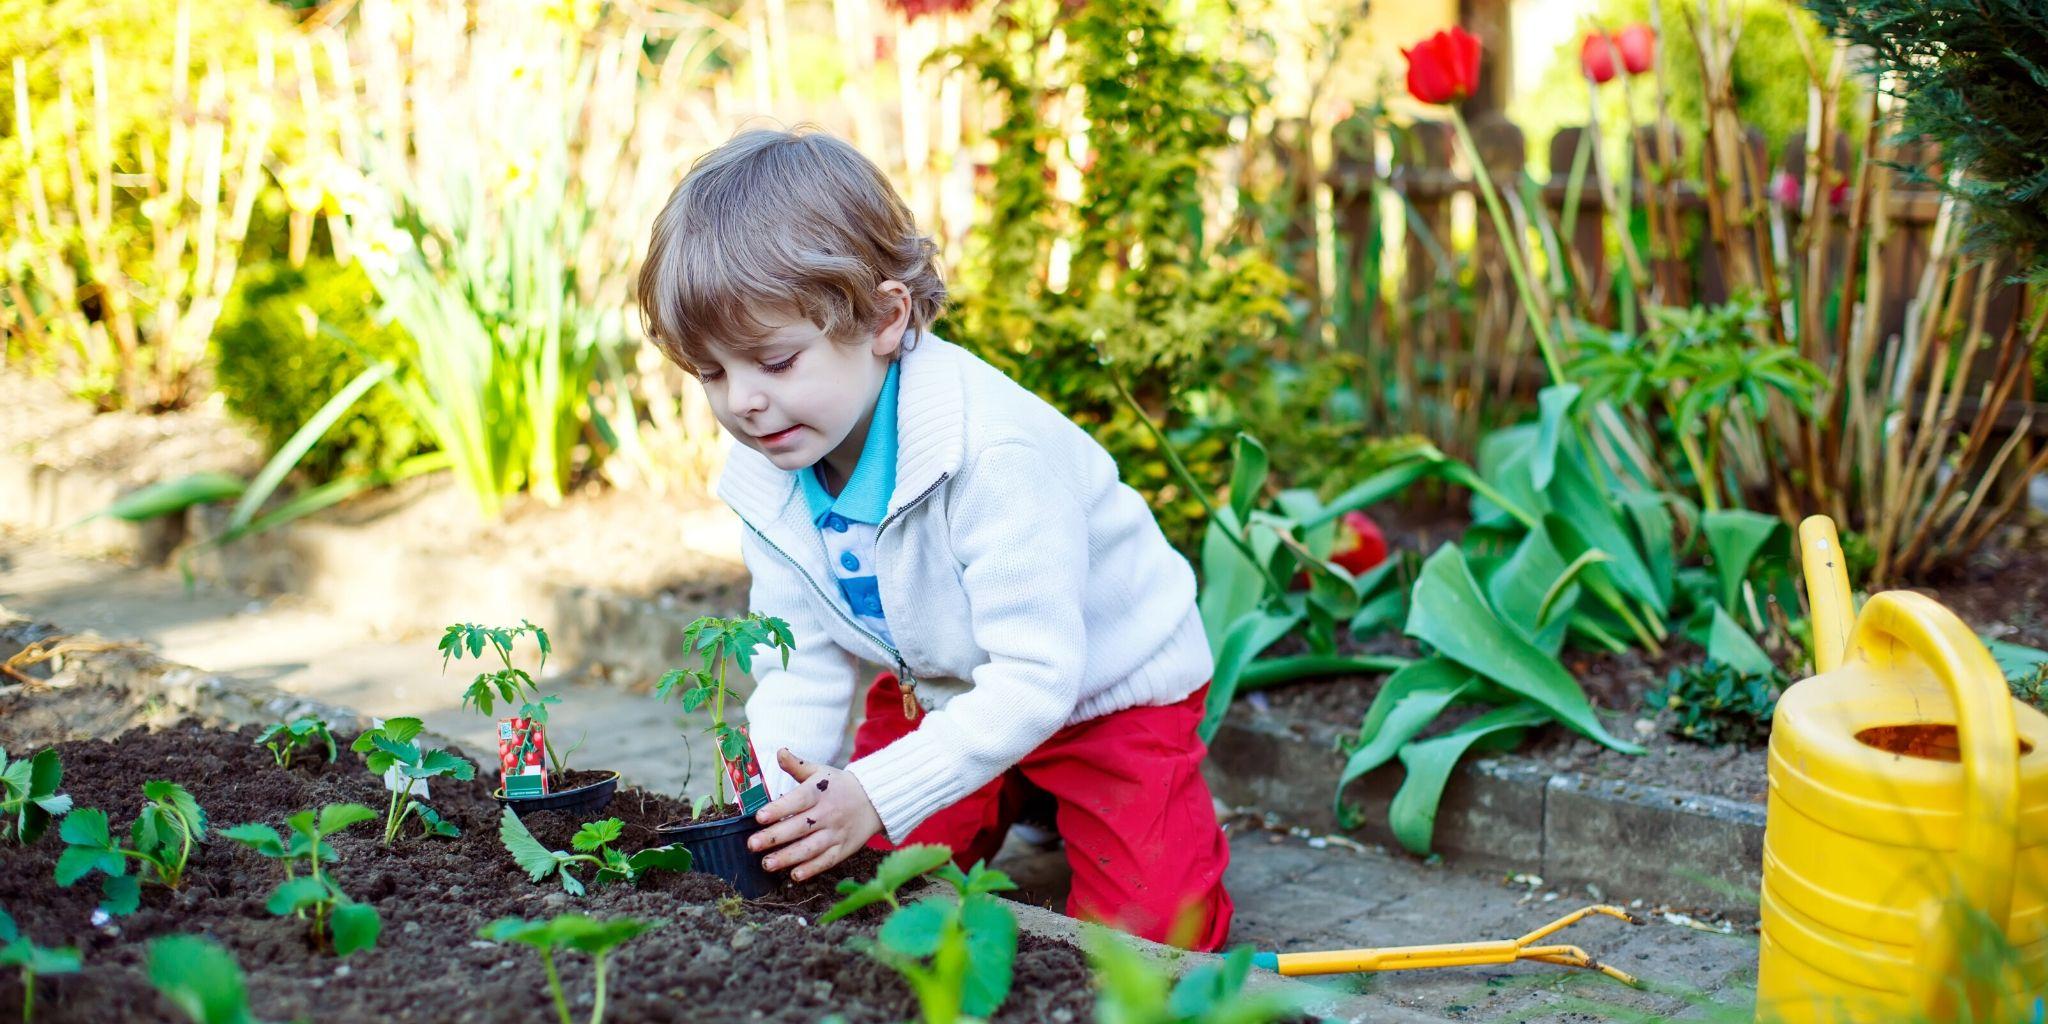 Enkelt planteringsprojekt för barn